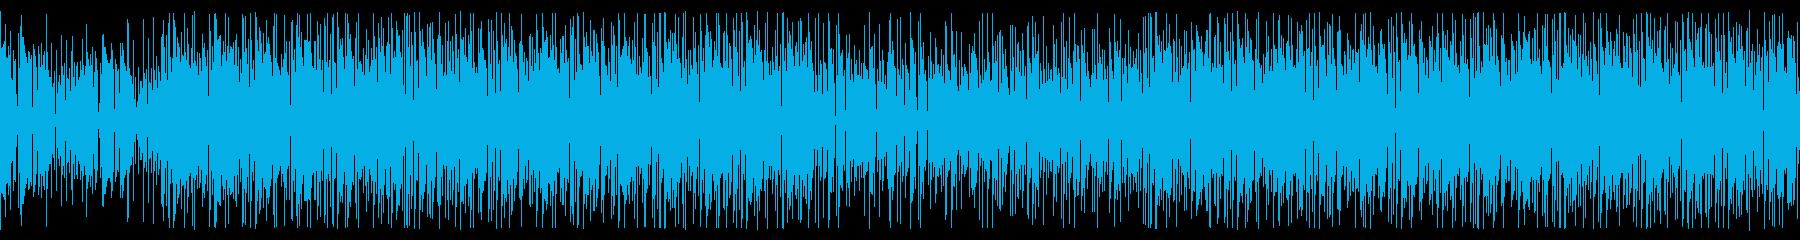 ファンク!サックスとリズムギター/生演奏の再生済みの波形